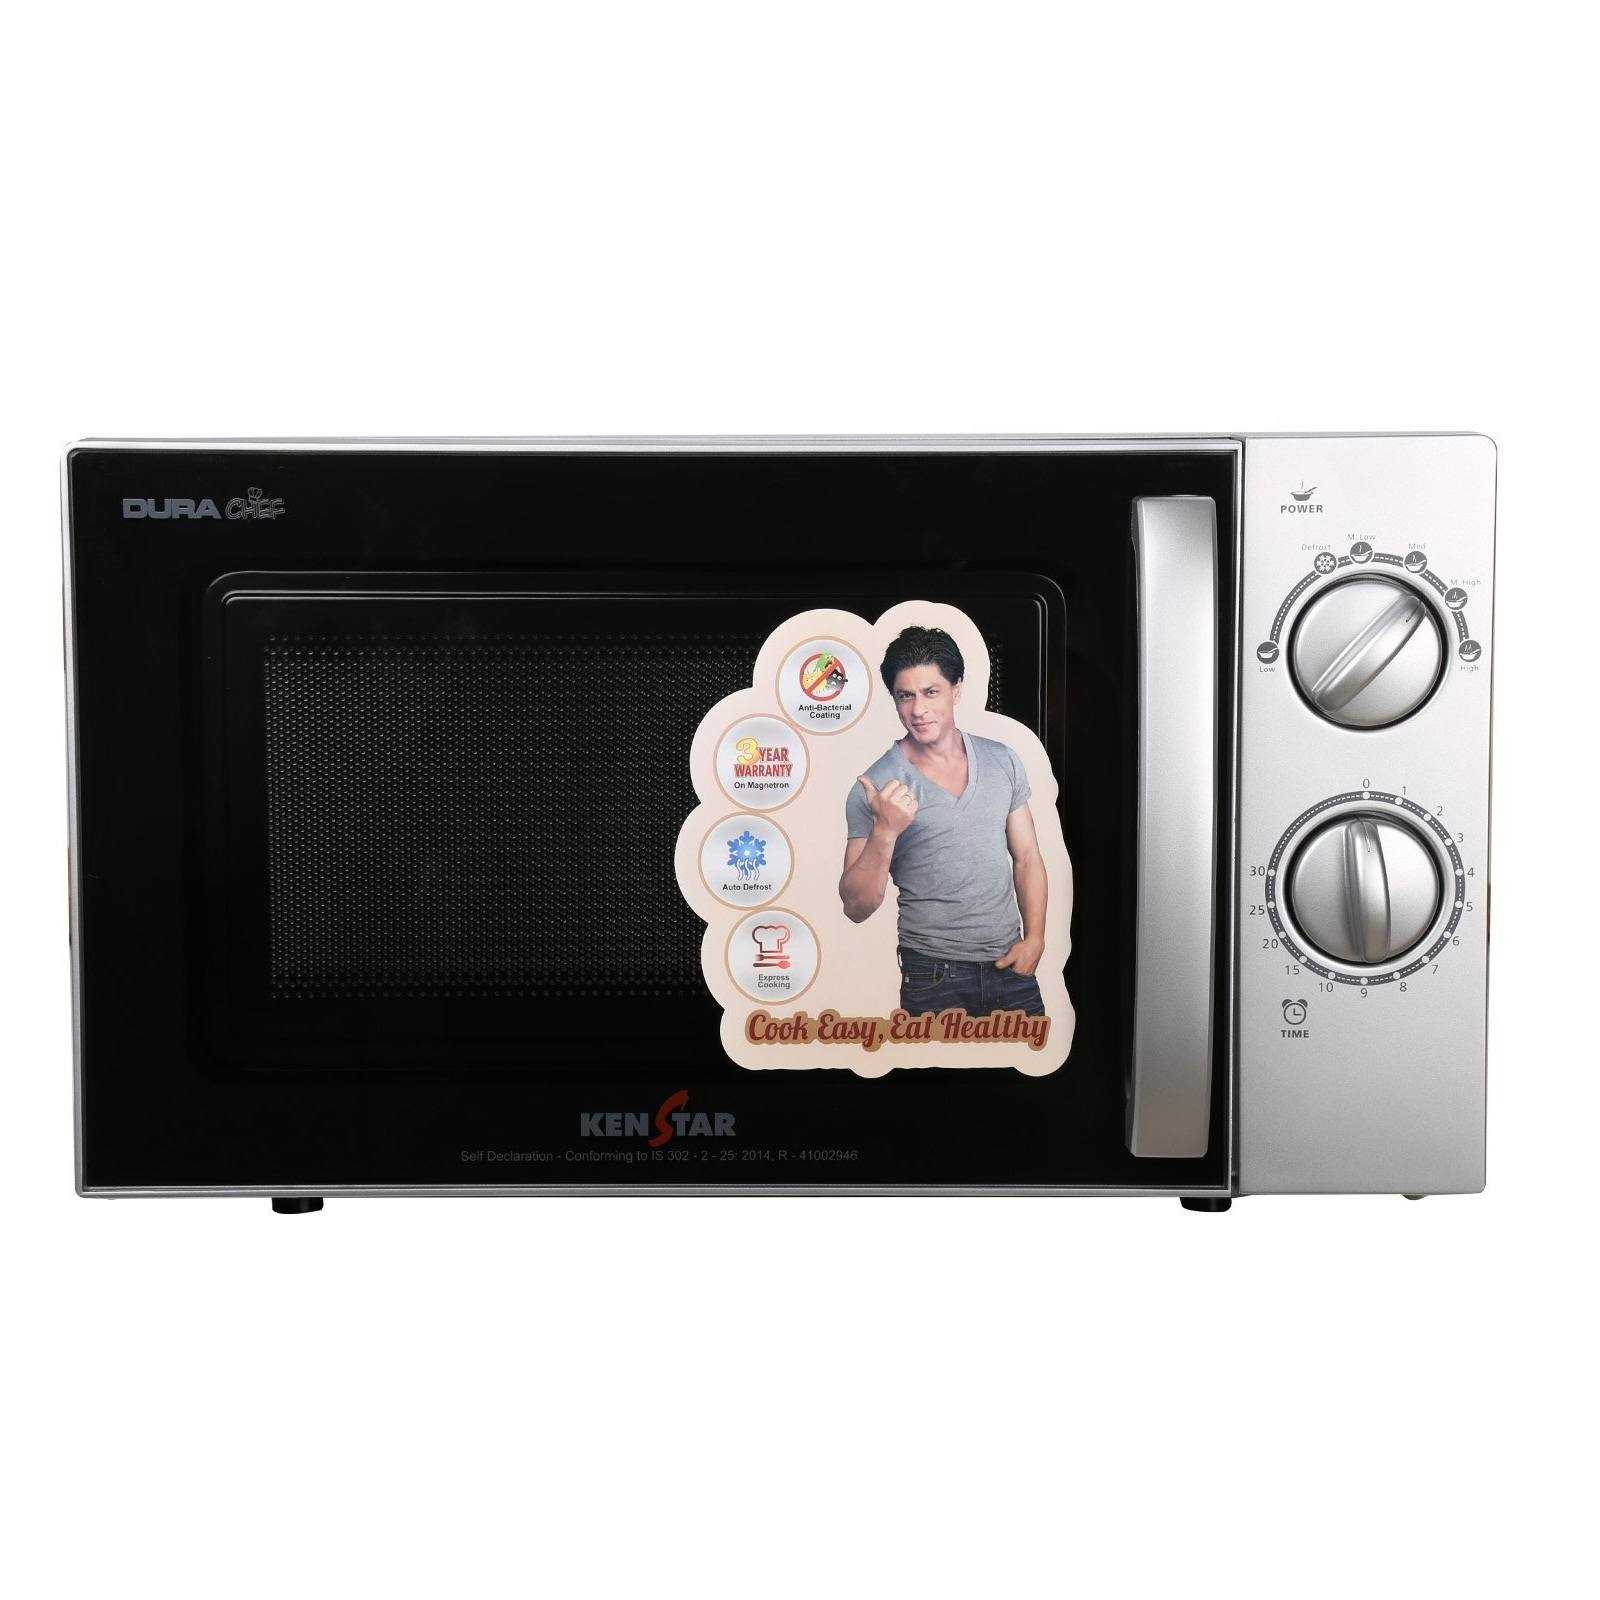 kenstar microwave